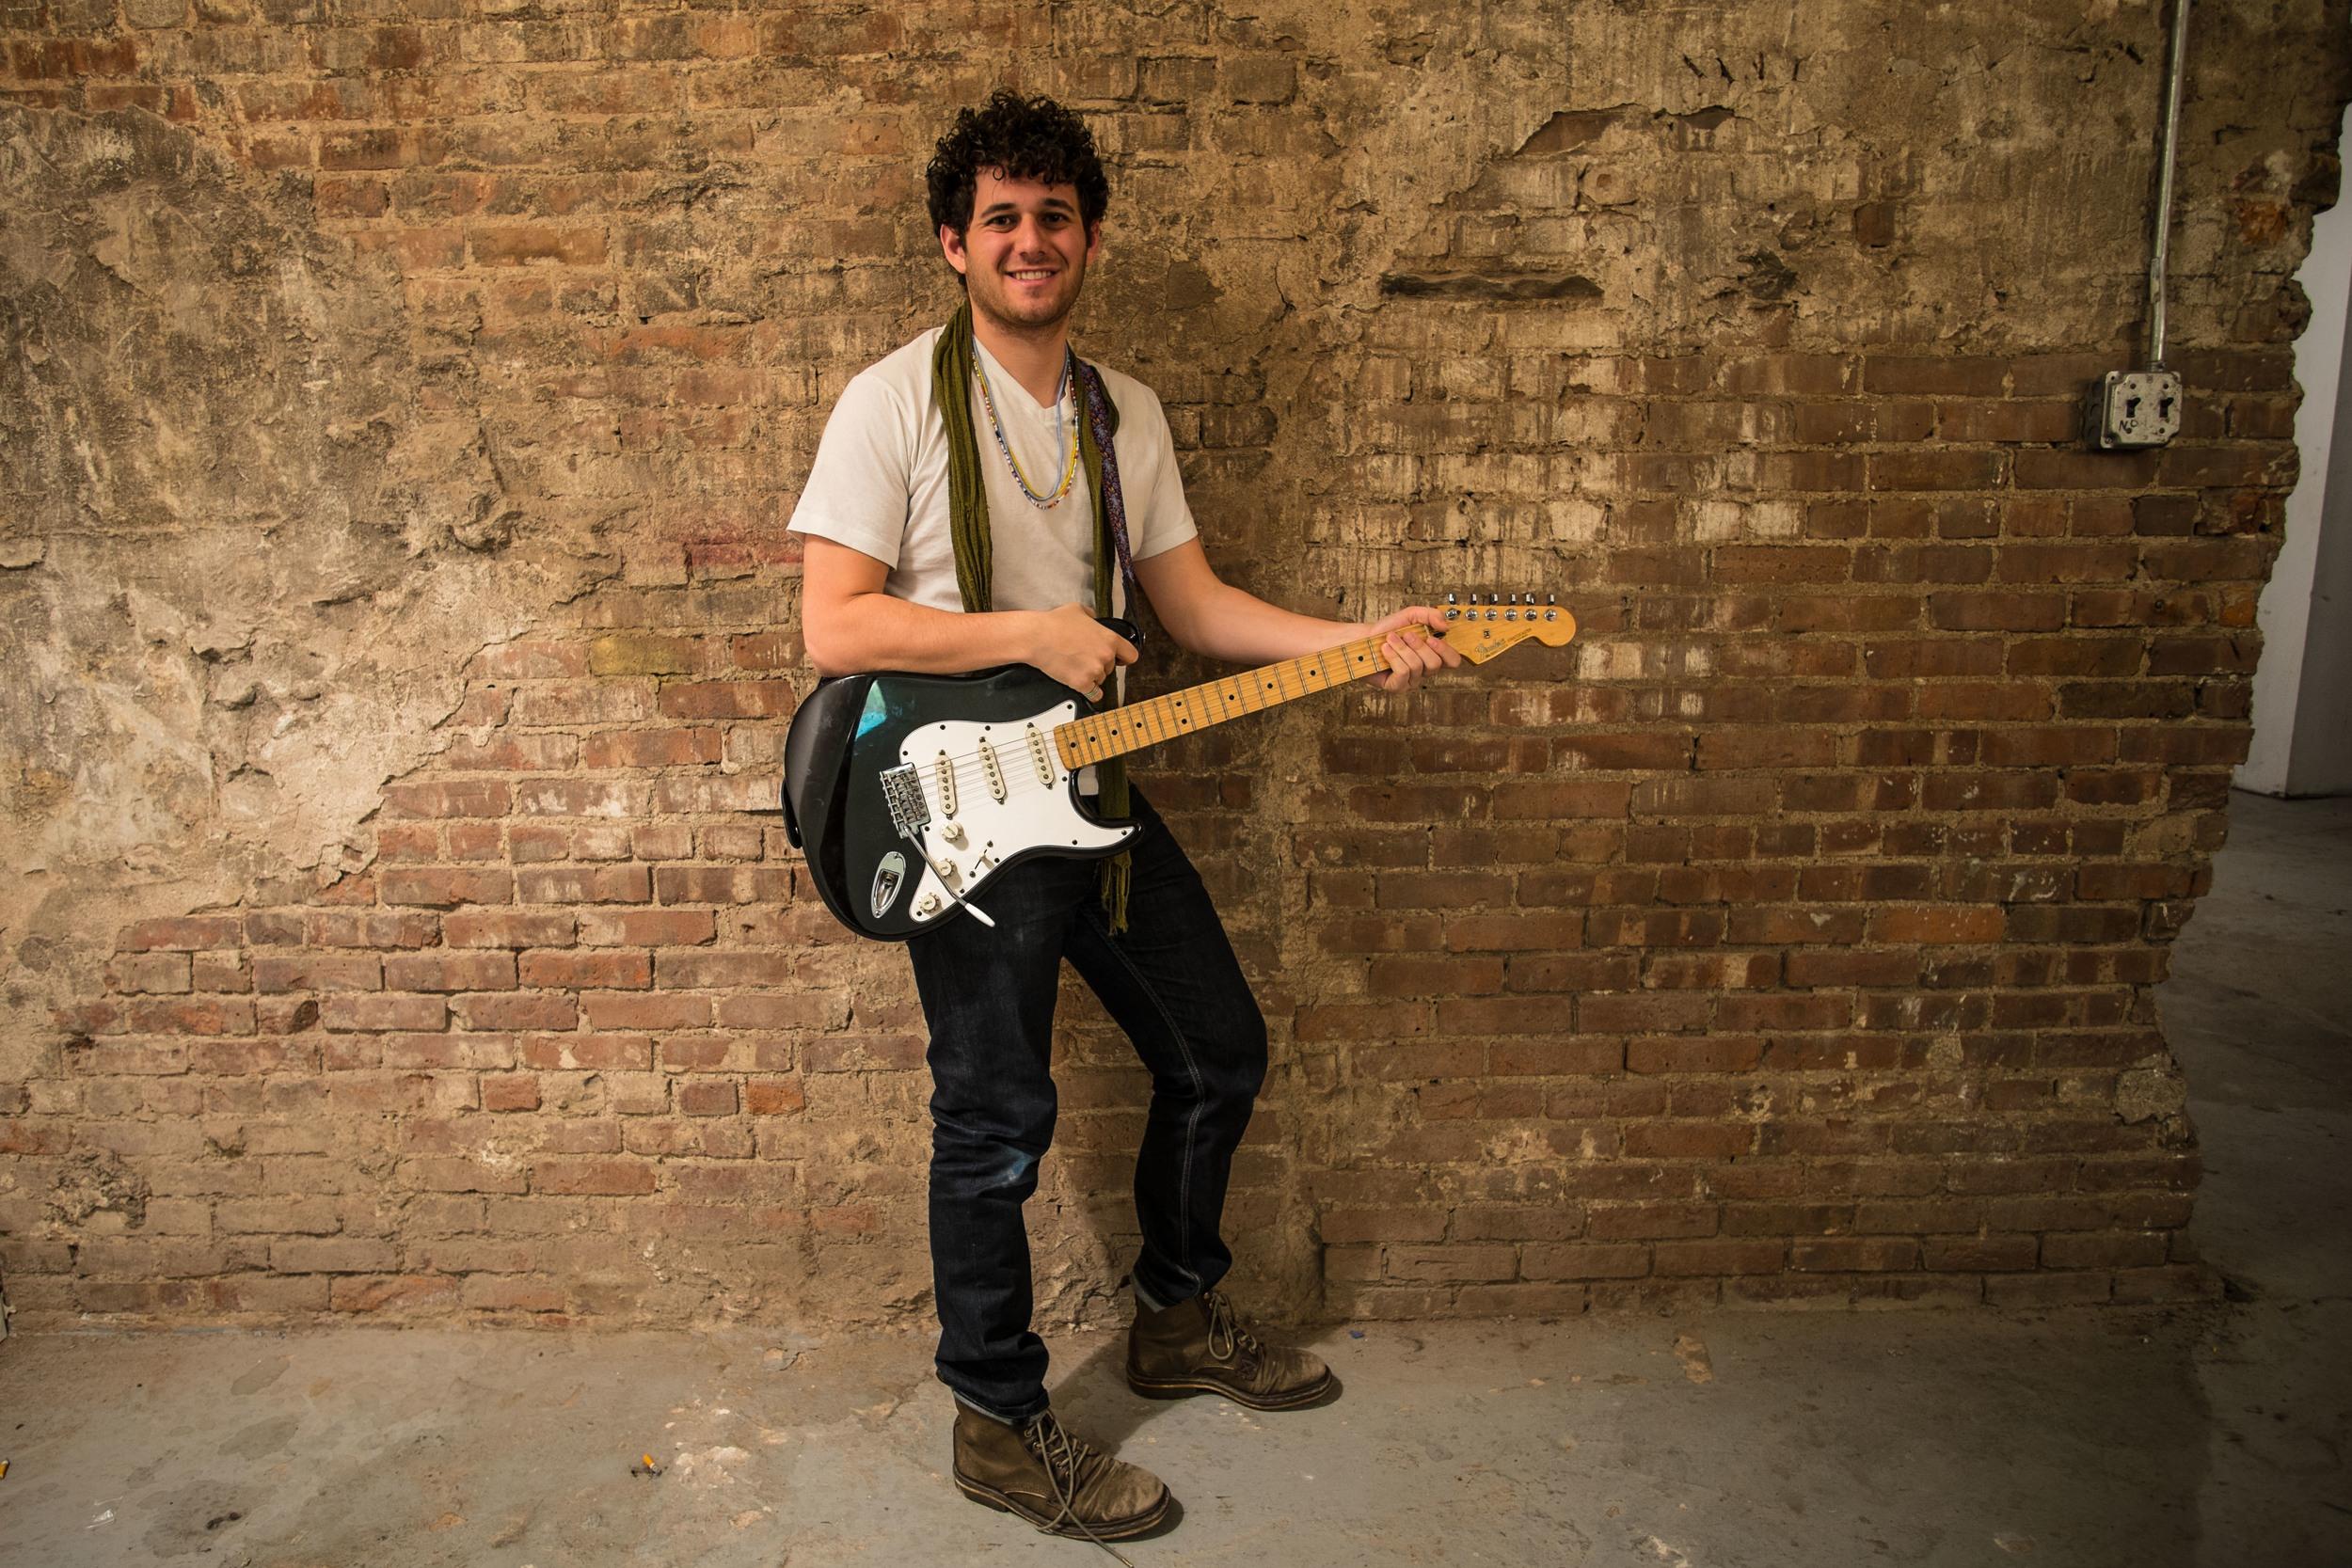 #guitari